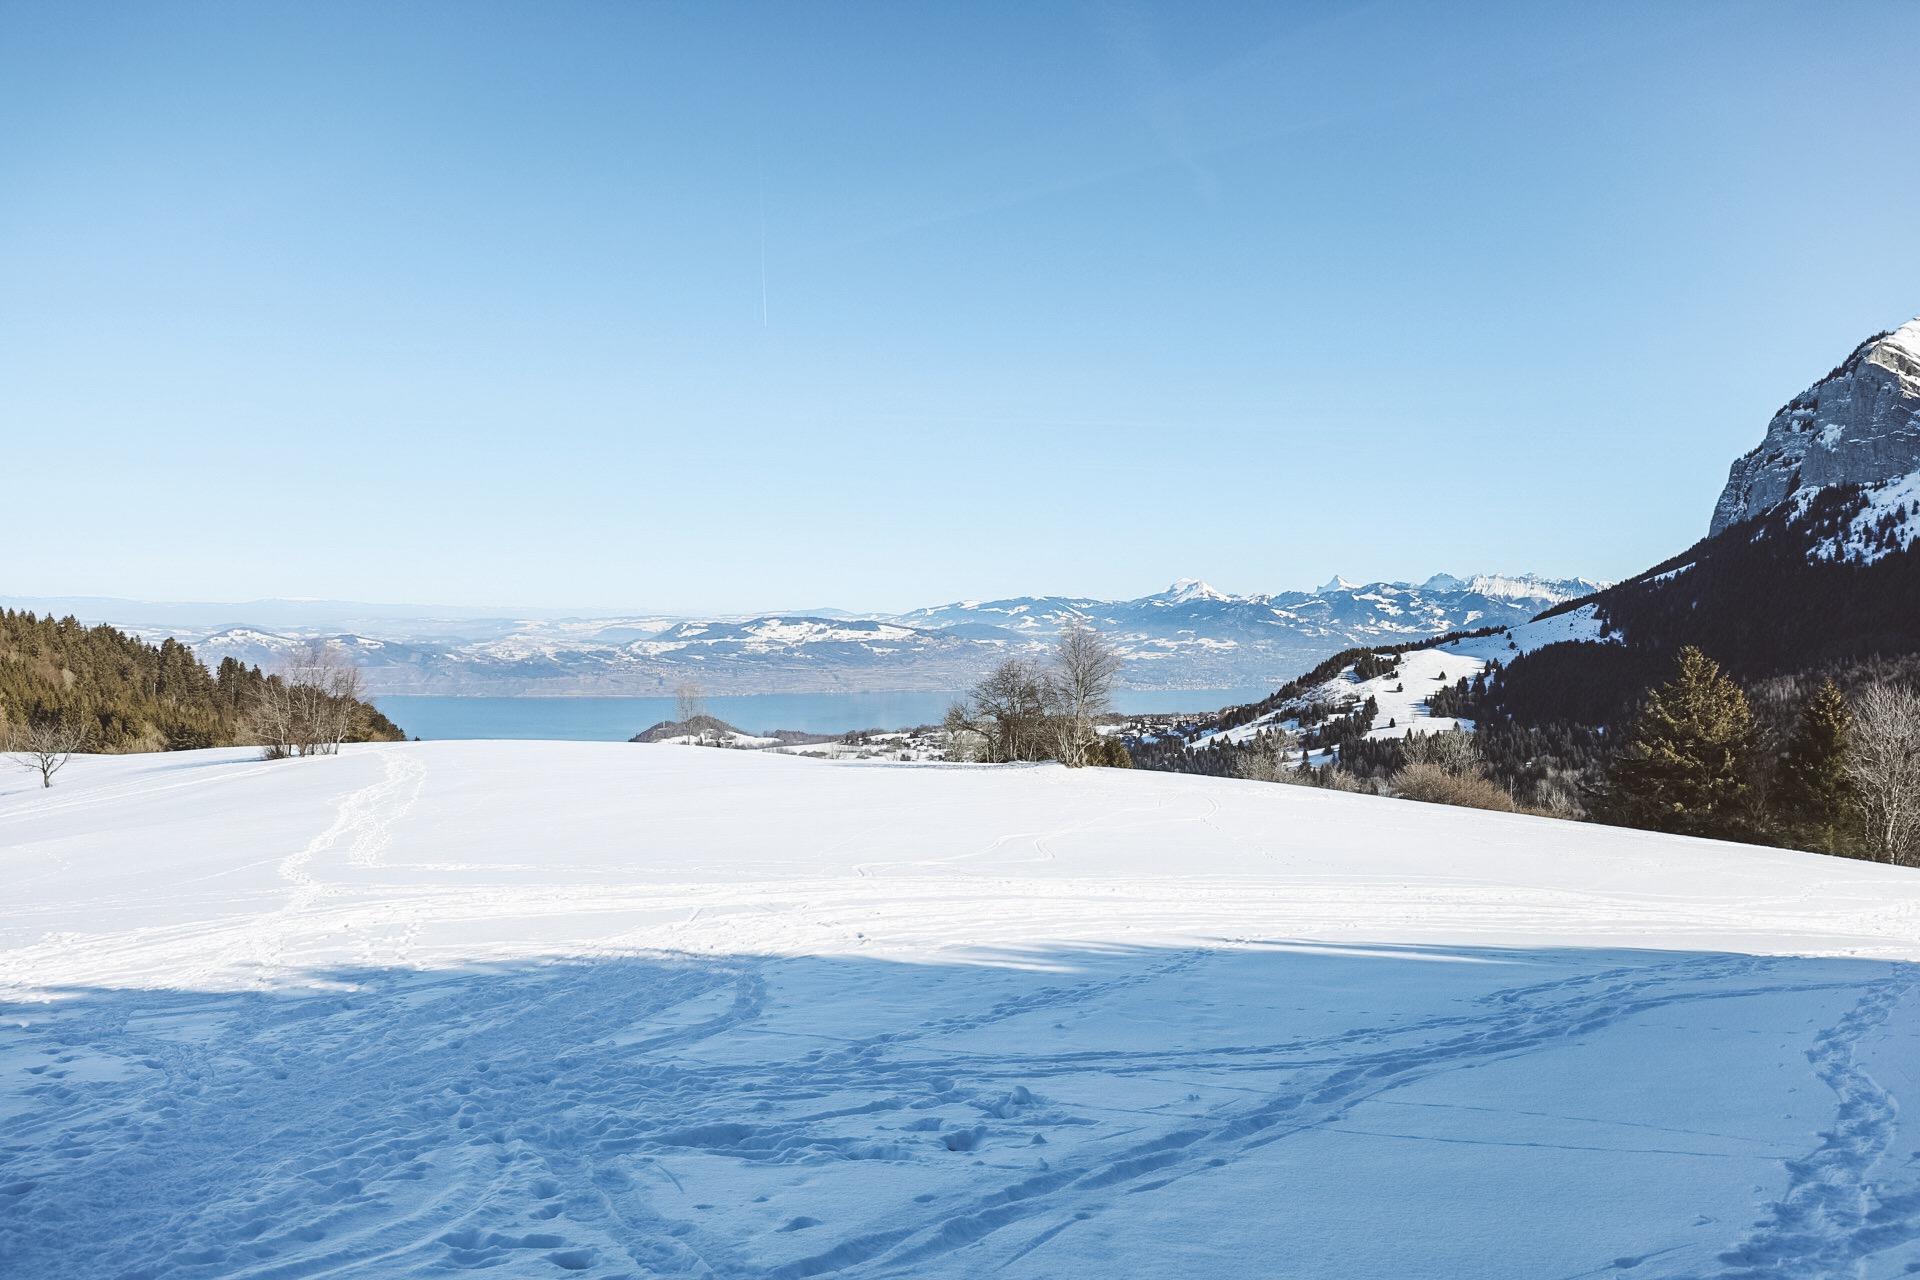 randonnée dans la neige en raquette à evian